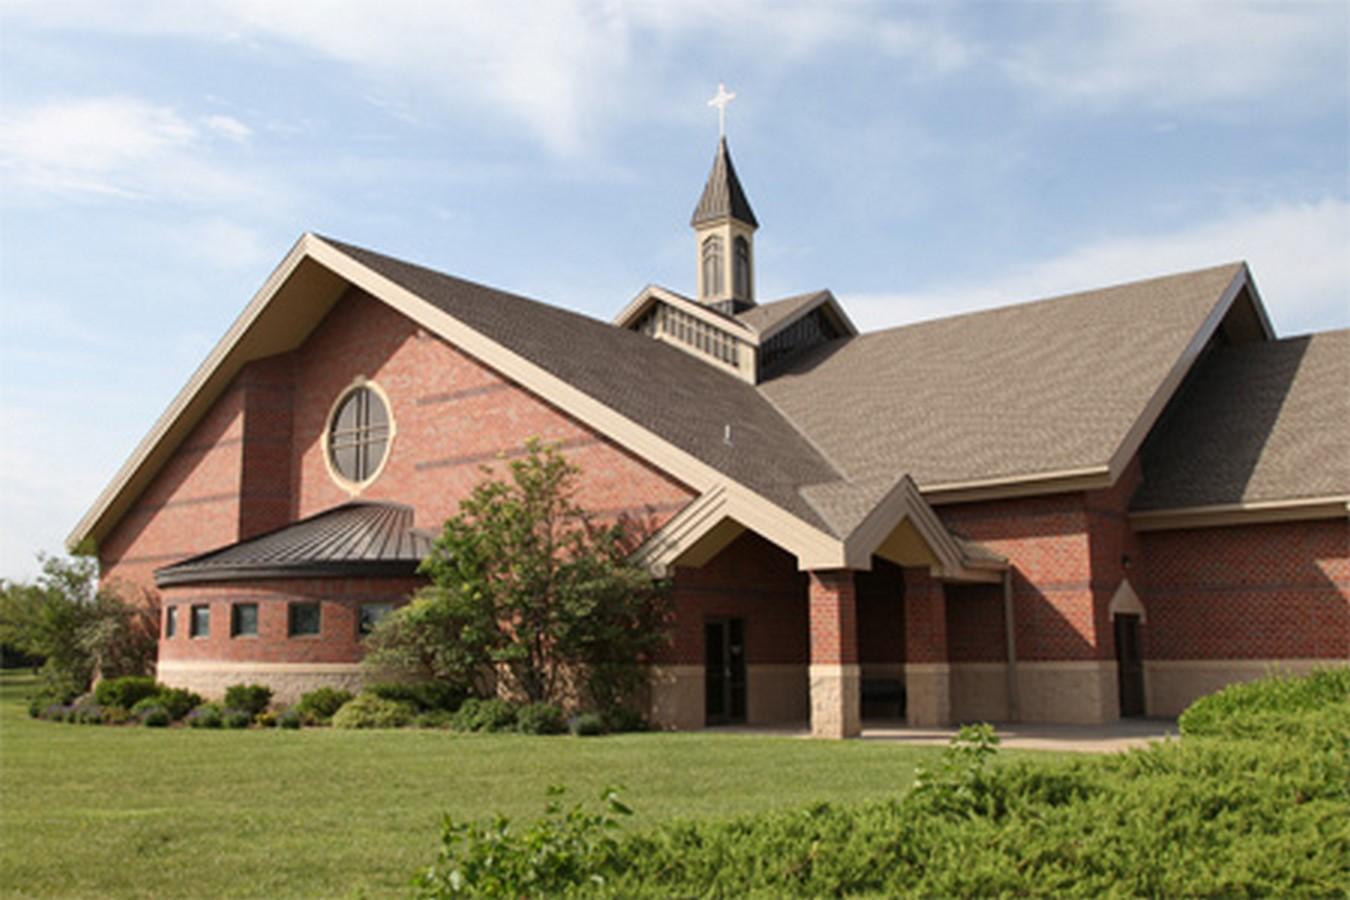 Architects in Wichita - Top 30 Architects in Wichita - Sheet1